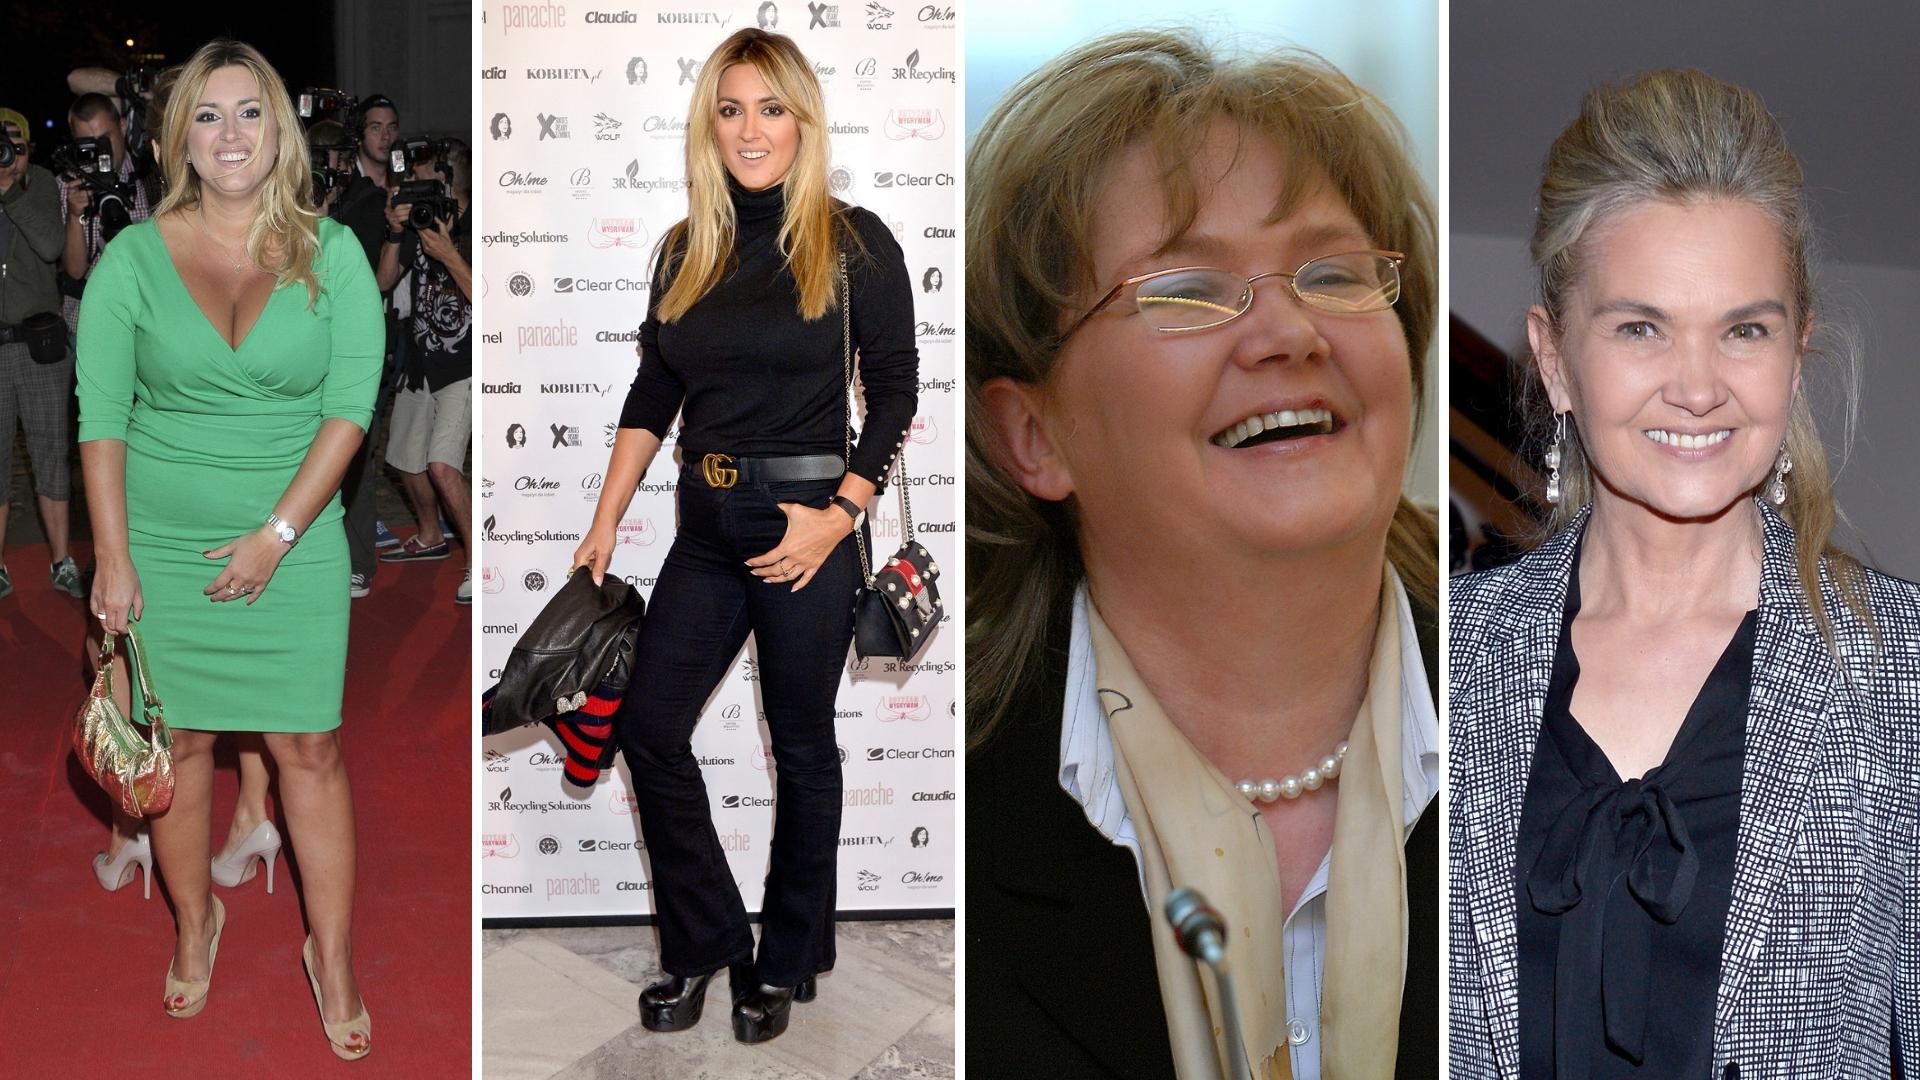 Te polskie gwiazdy EKSTREMALNIE schudły! Zobaczcie je przed i po przemianie!